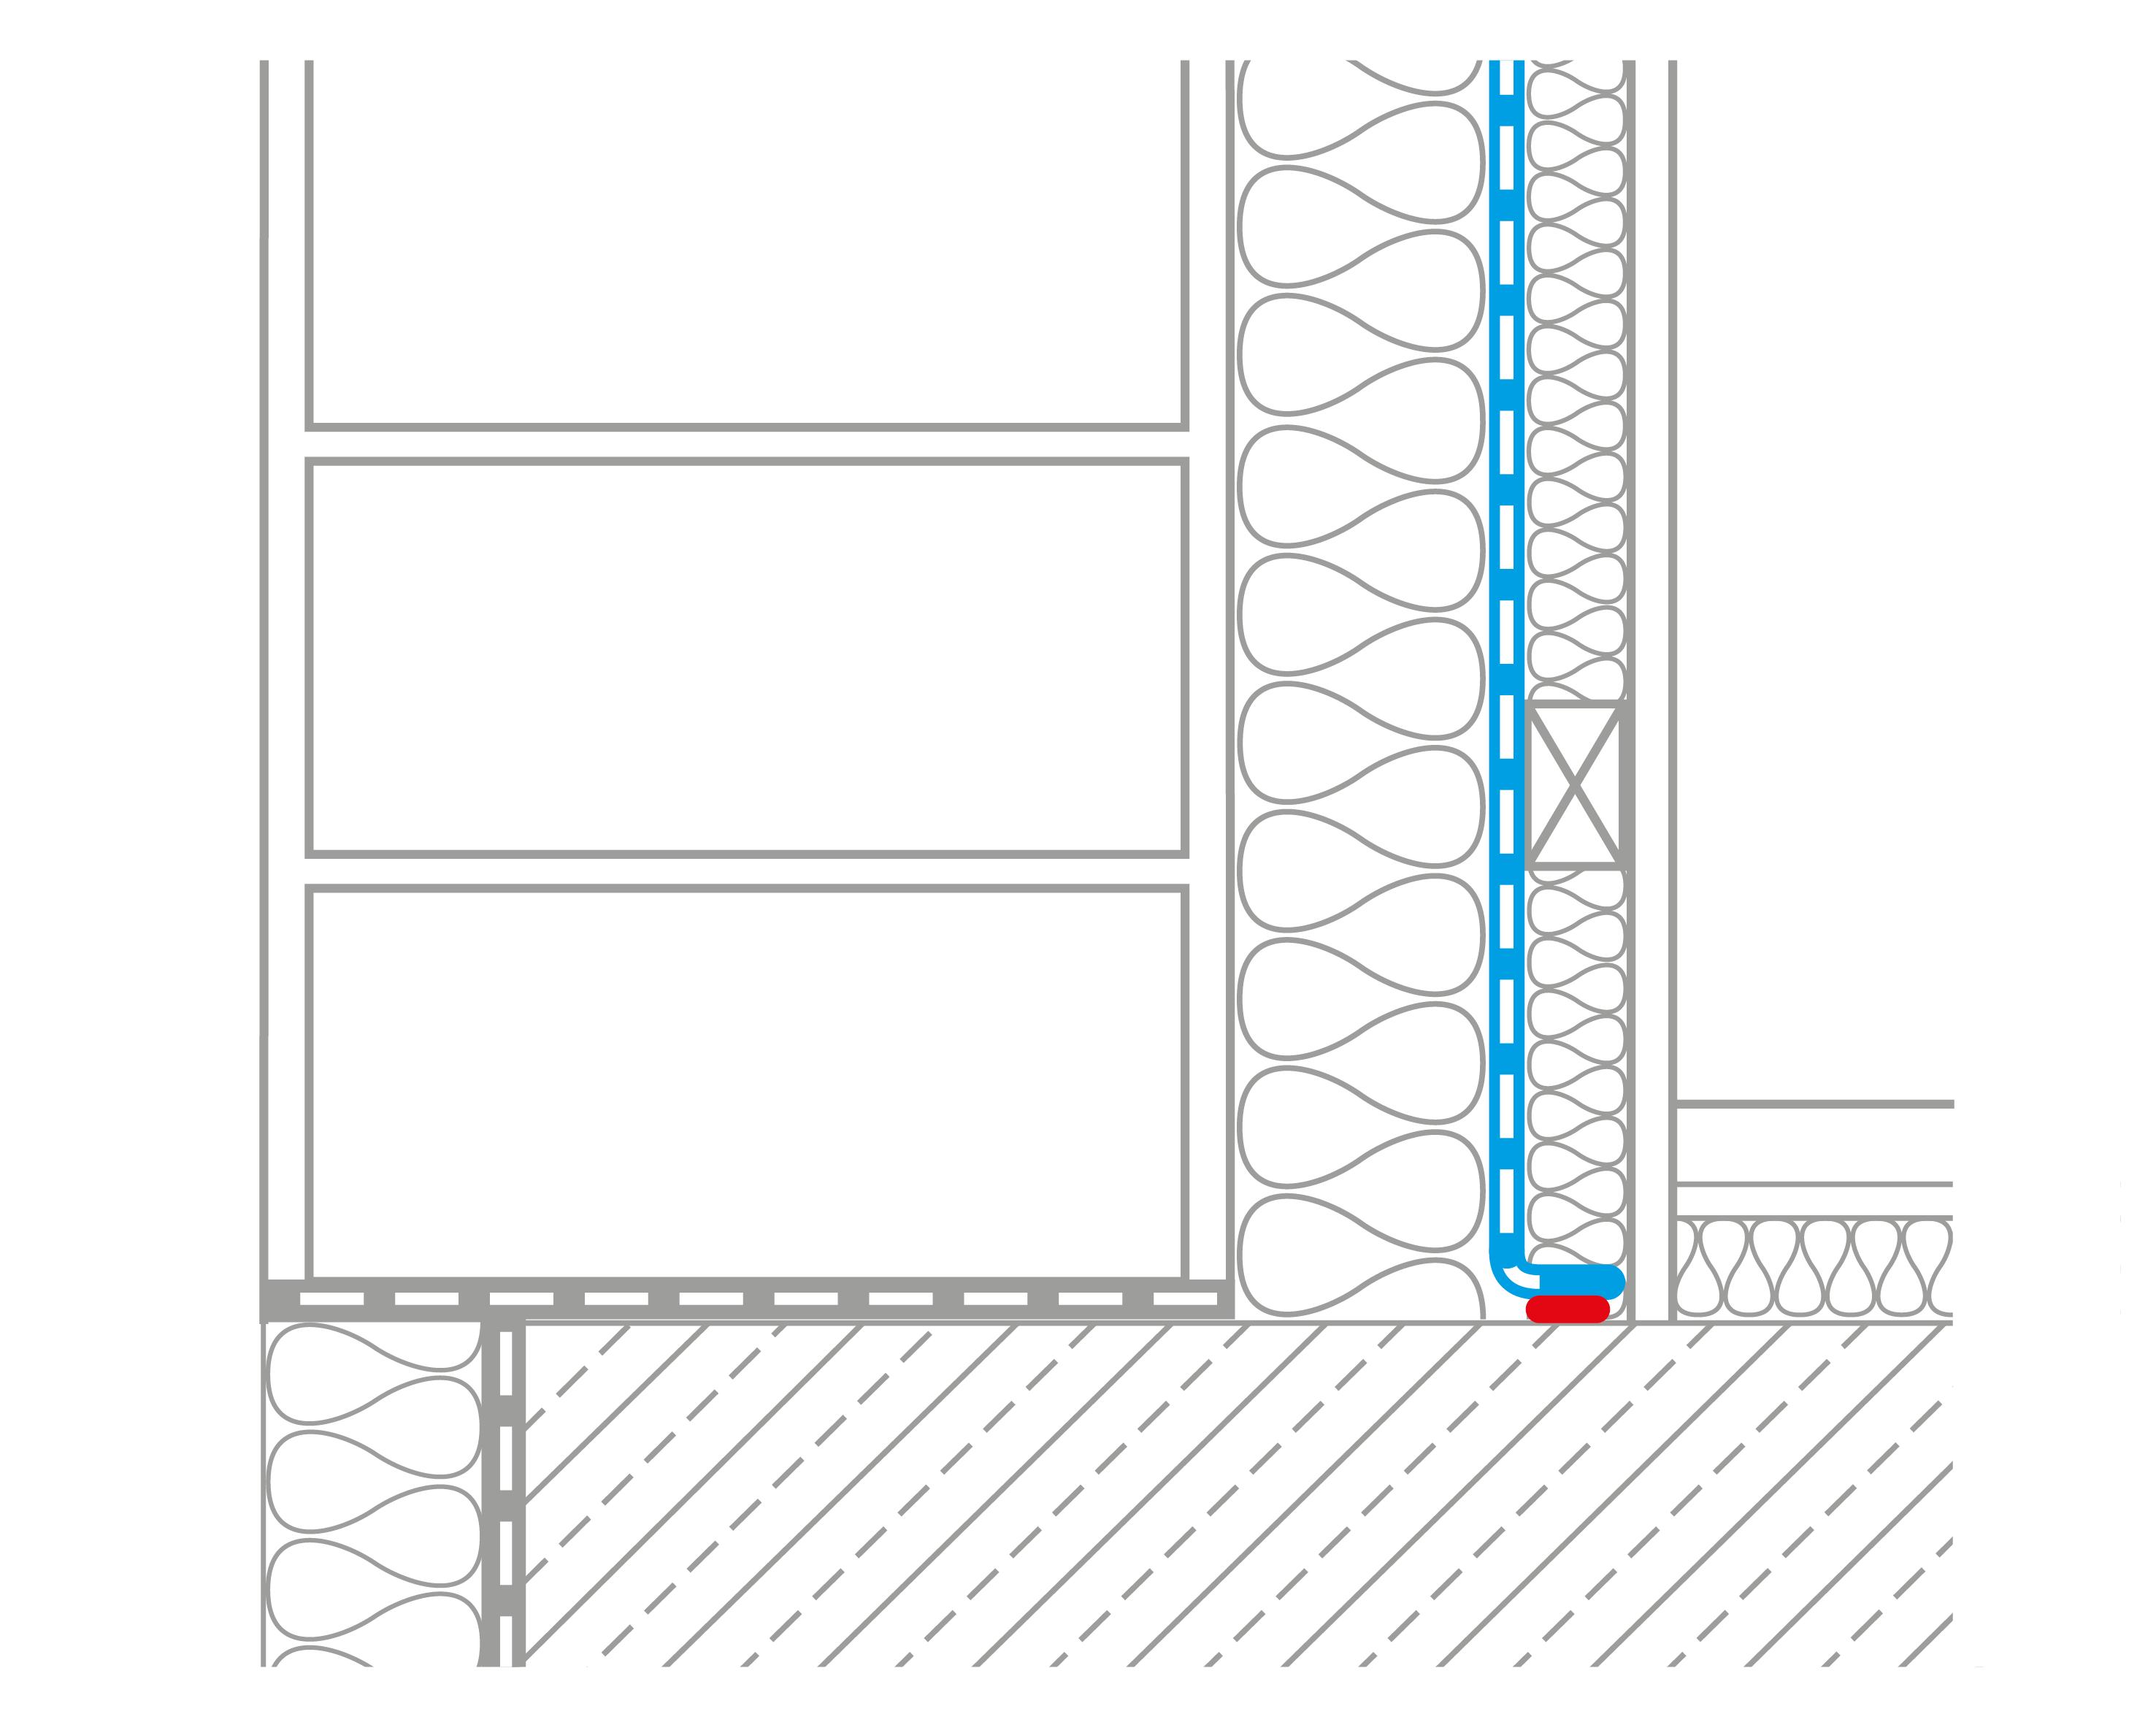 Extrem Luftdichtung innen im Mauerwerksbau – Wissen Wiki QM93